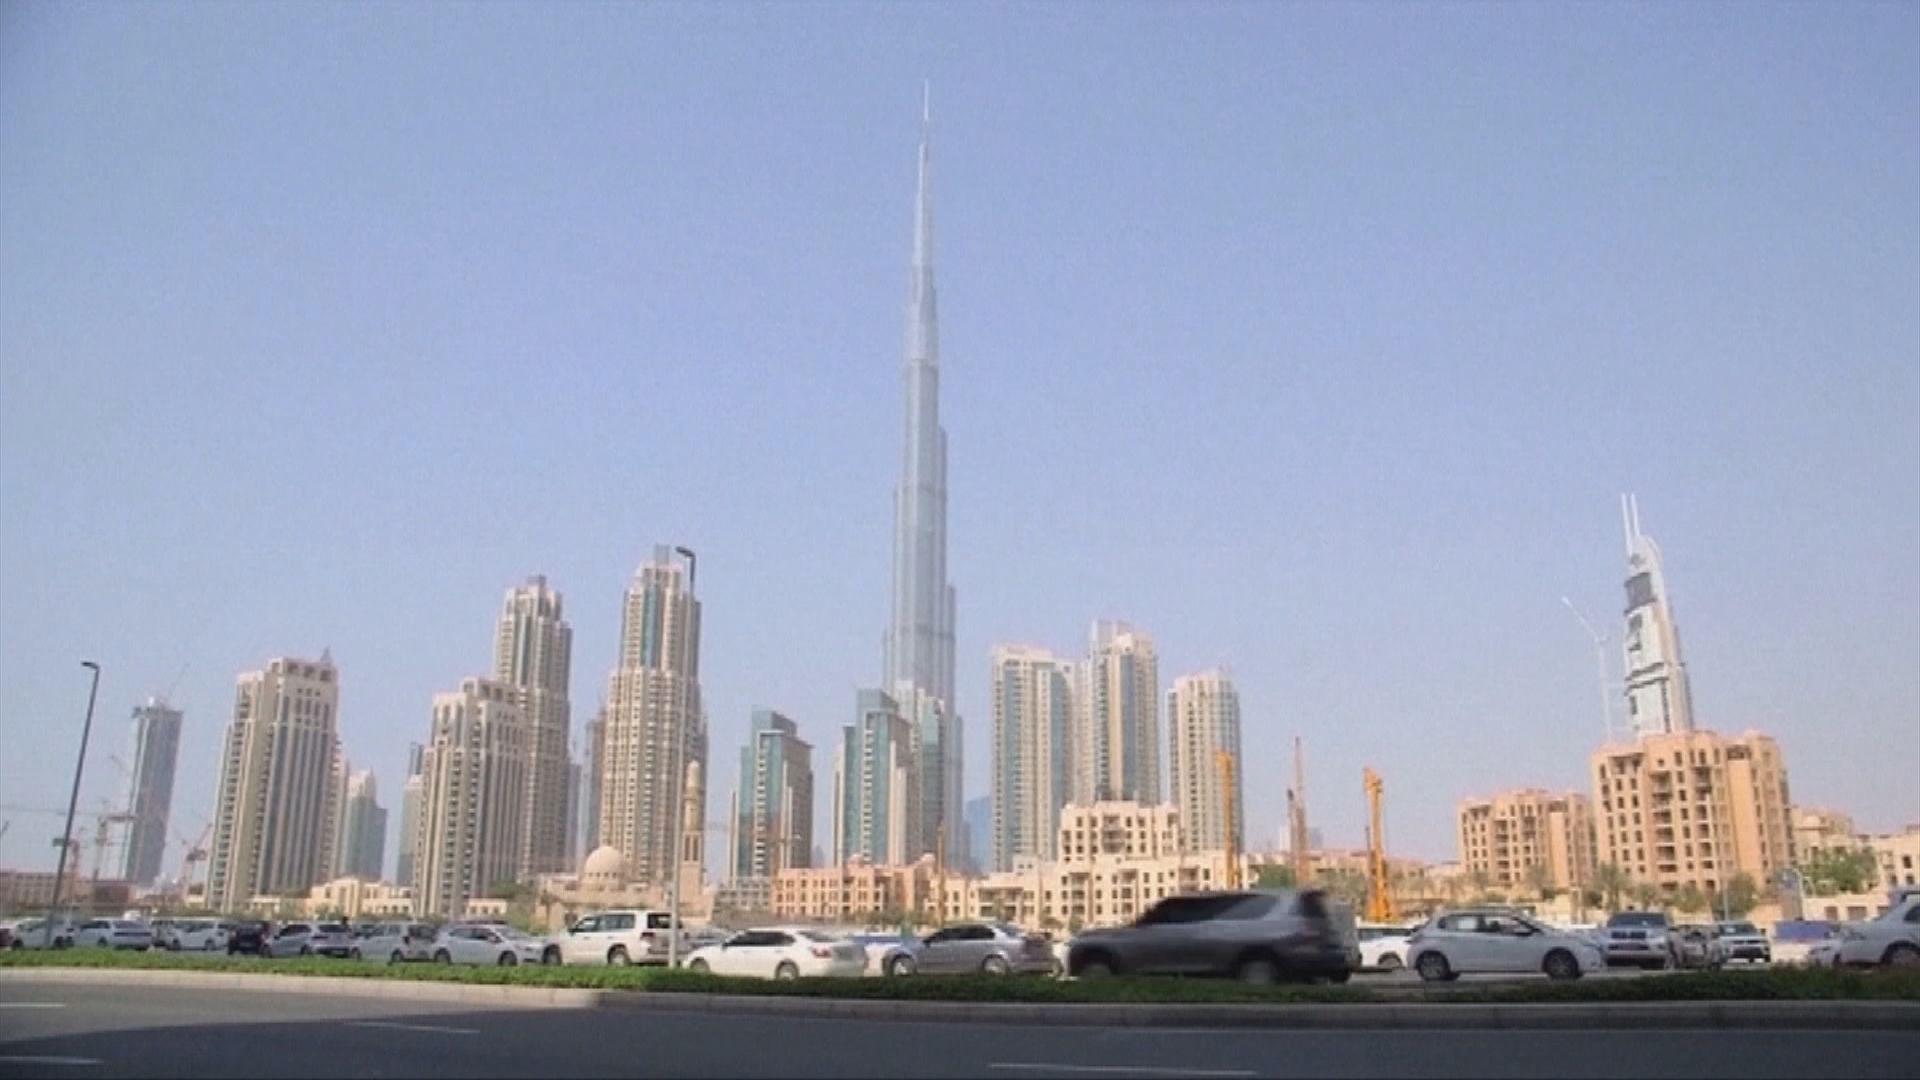 【環球薈報】阿聯酋宣布多項計劃提升國家競爭力